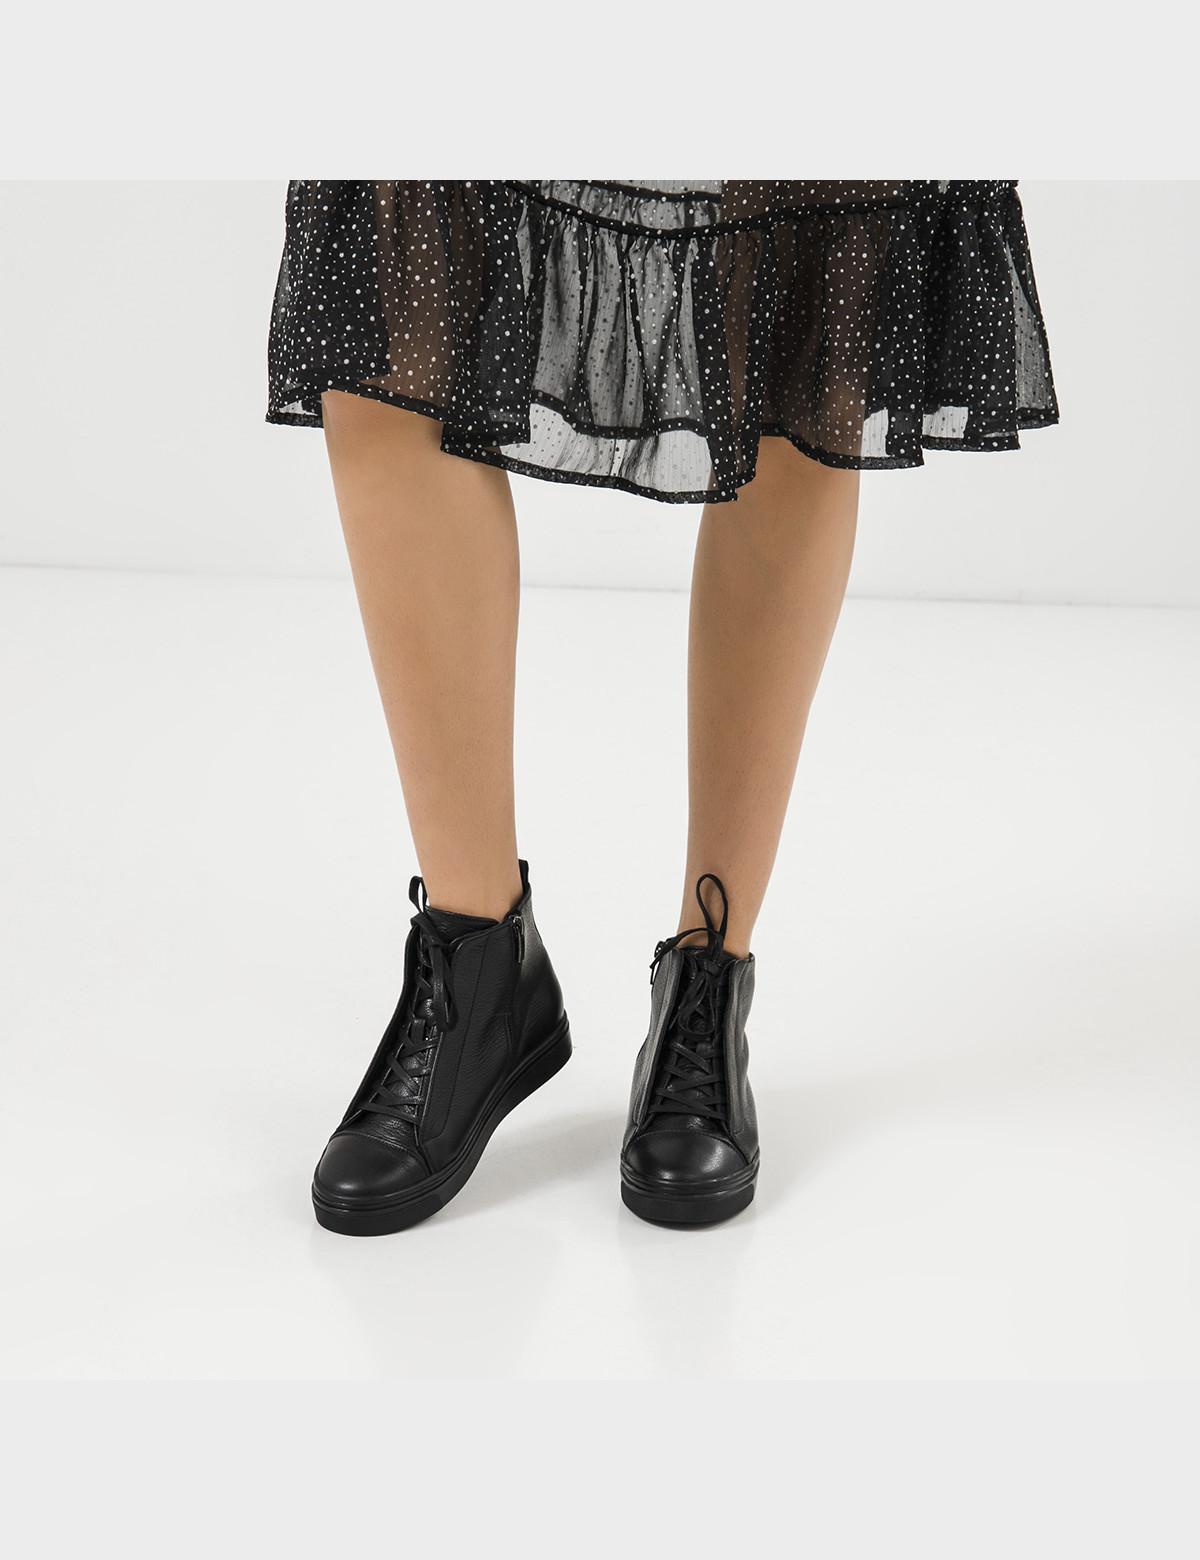 Ботинки черные, натуральная кожа. Шерсть5